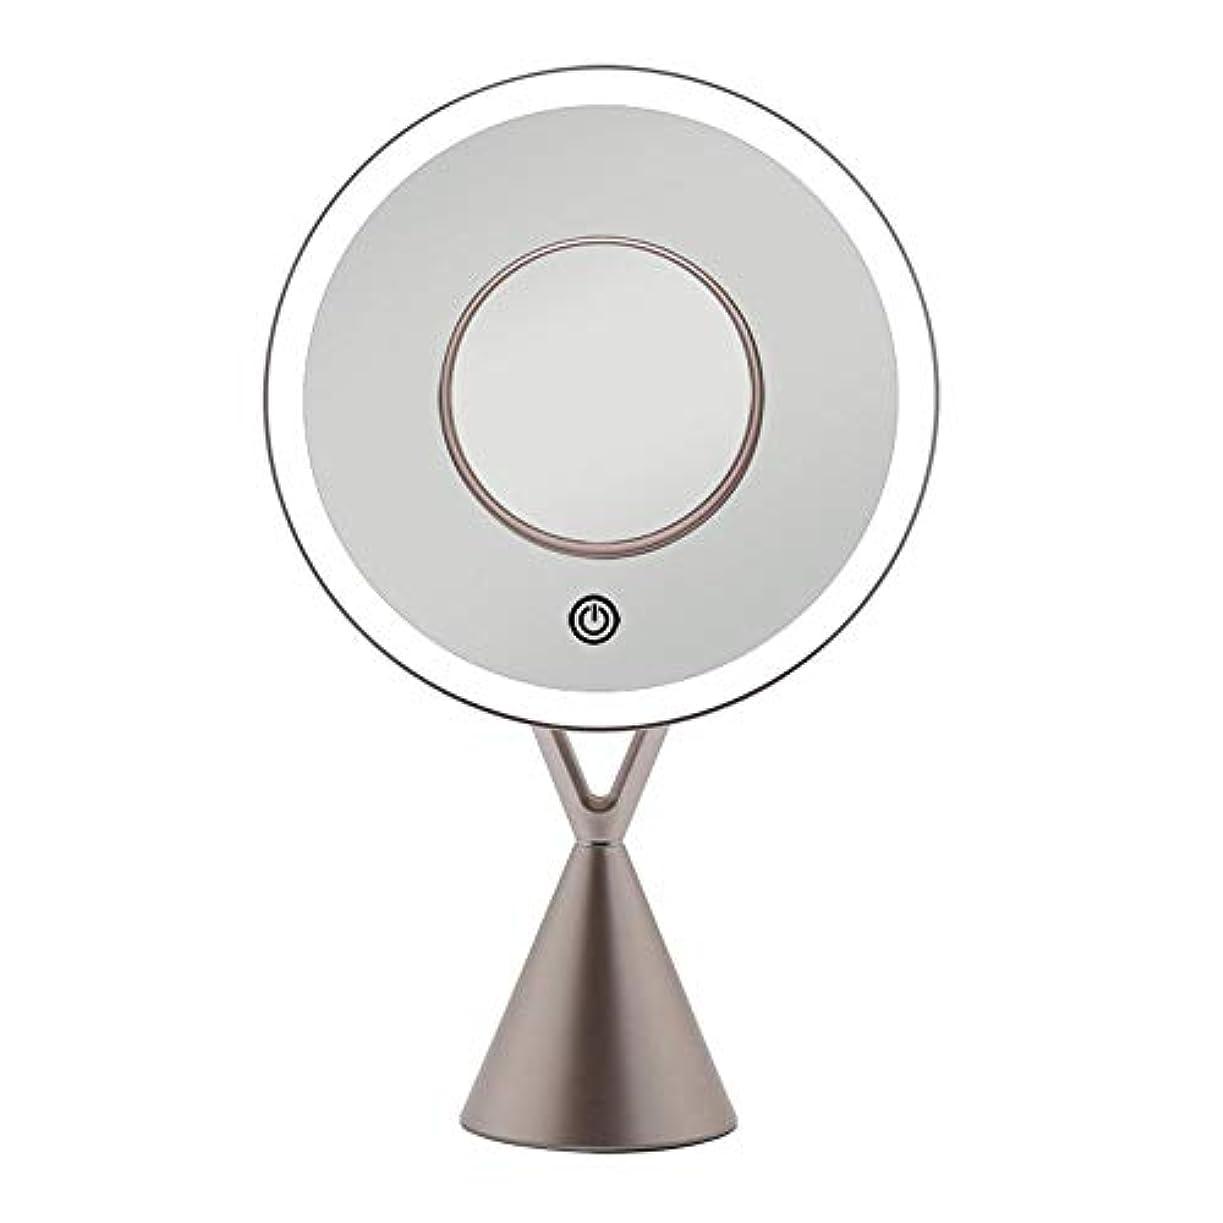 ハーフヘビ扱いやすい流行の LEDフィルライトデスクトップミラー5倍磁気吸引拡大鏡45度自由調整ローズゴールドギフト